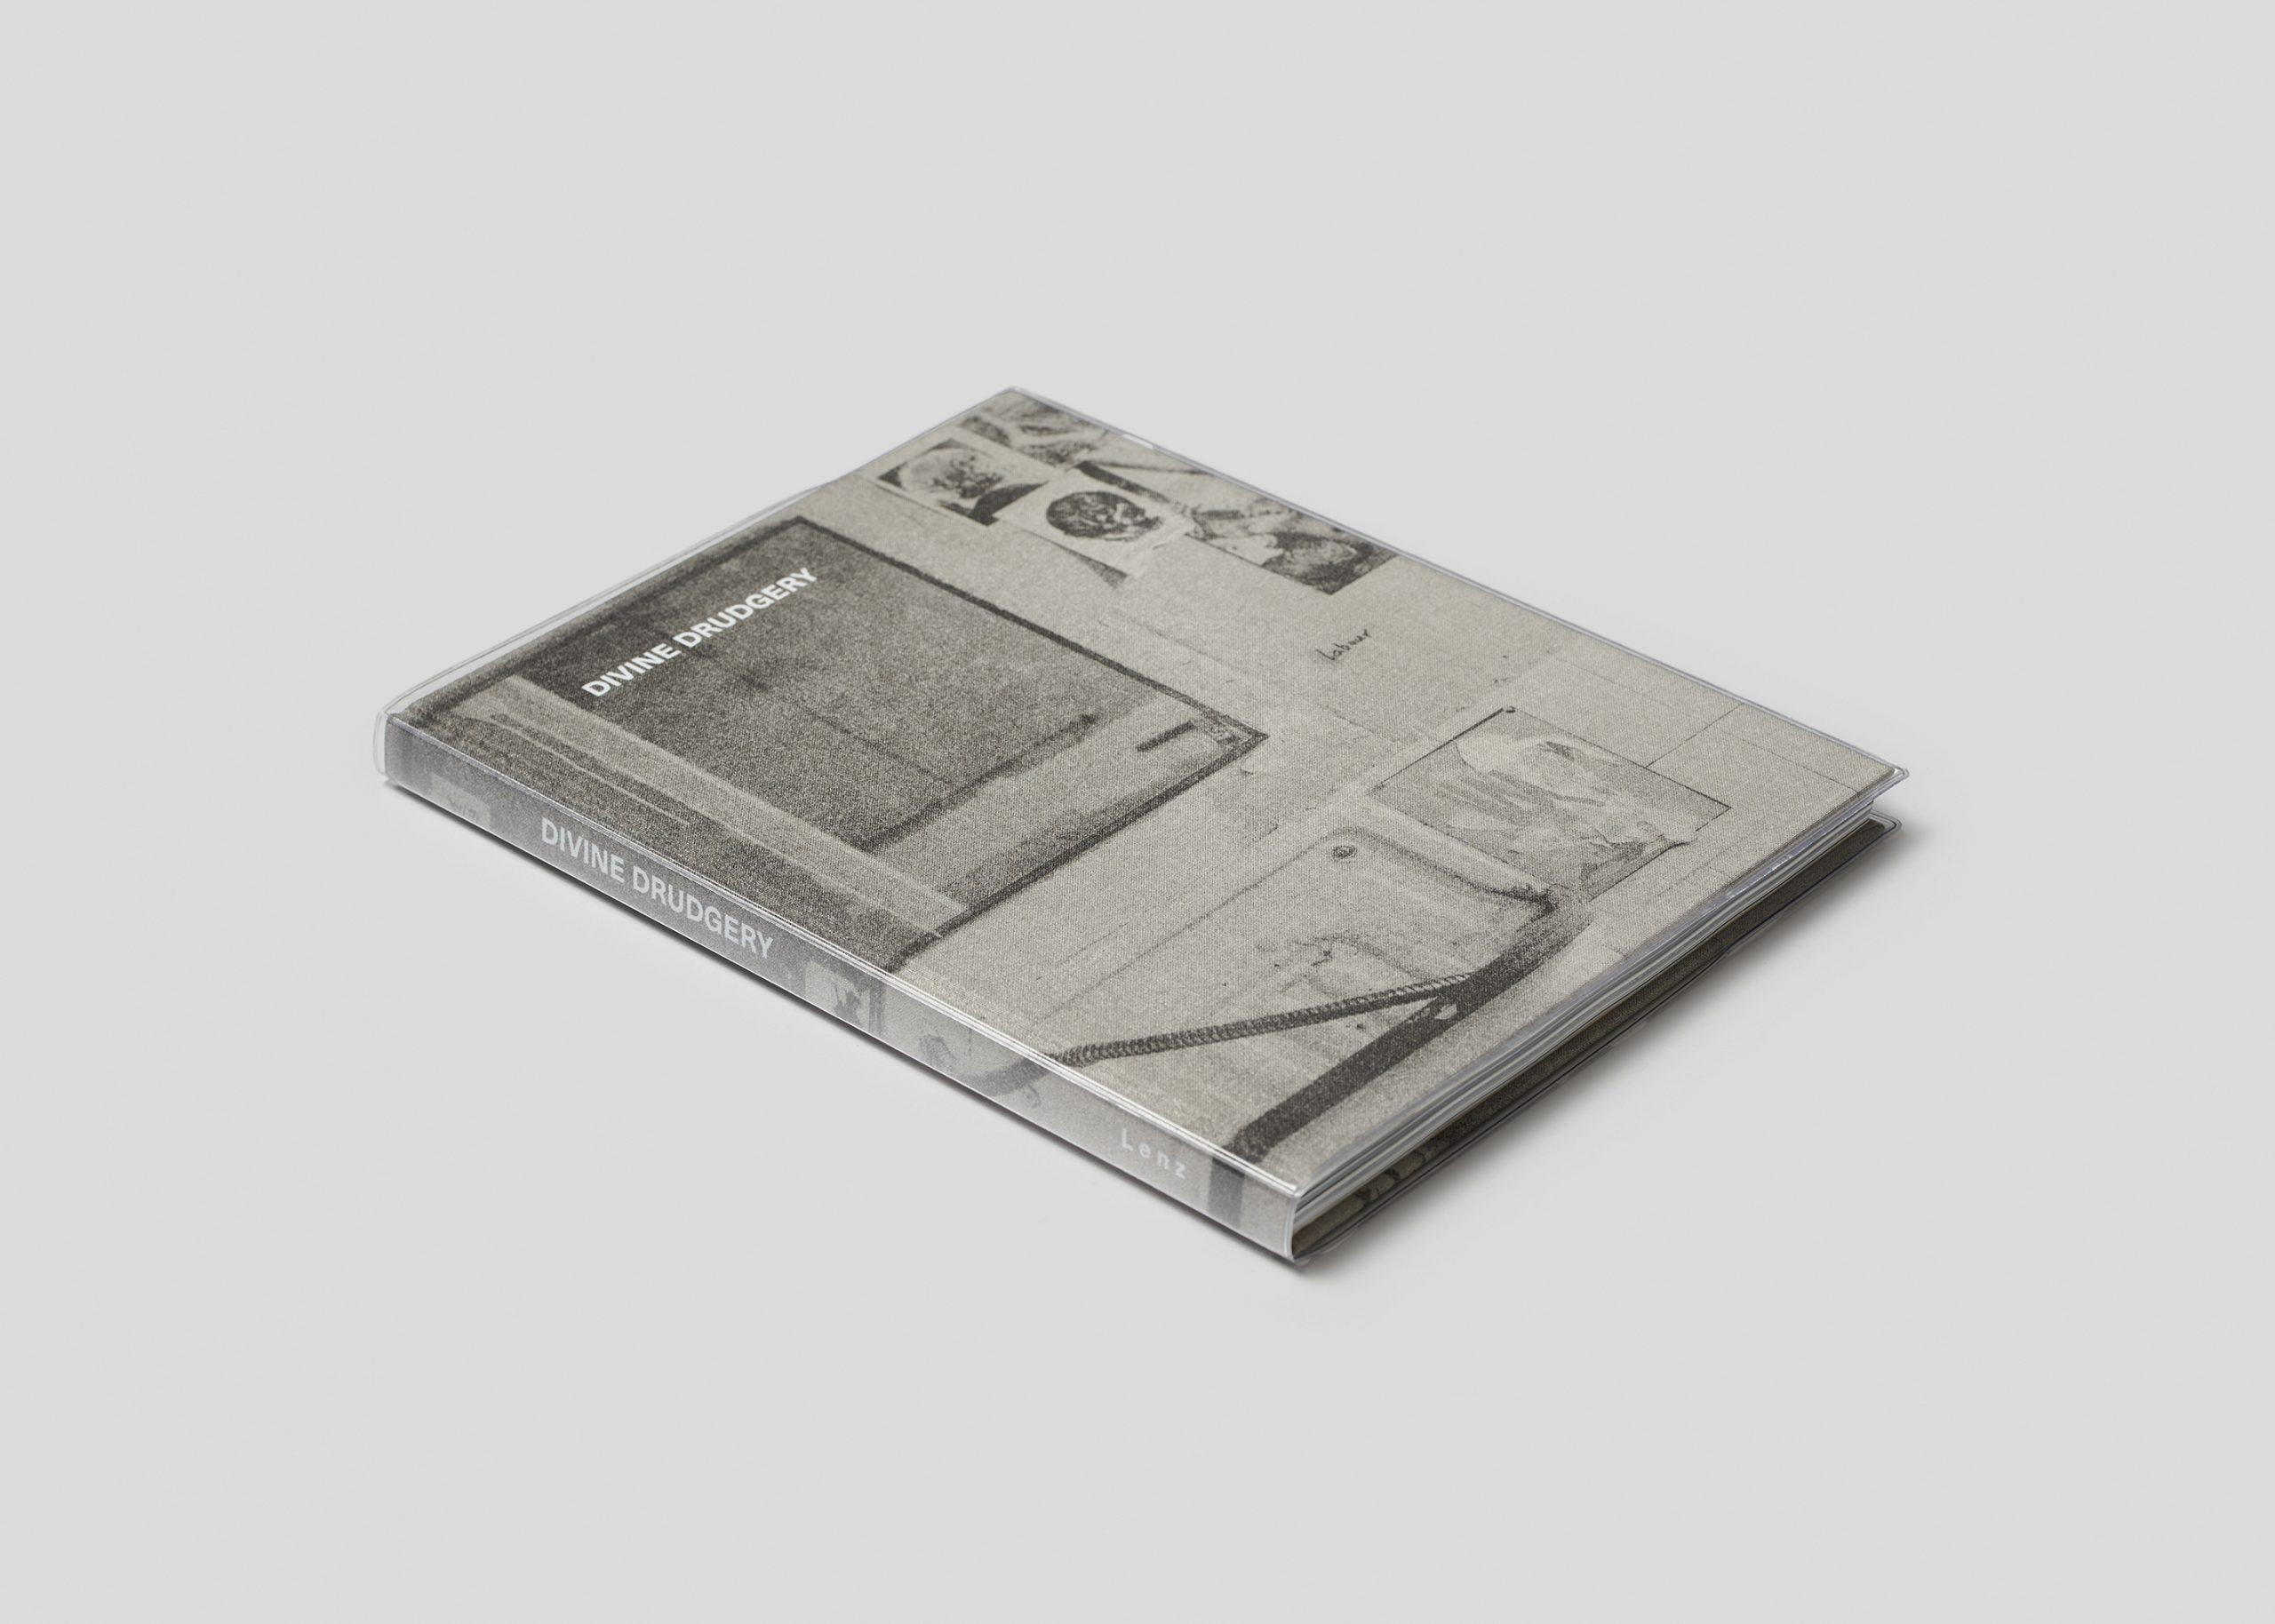 nicoletta-dalfino-divine-drudgery-cover-scaled